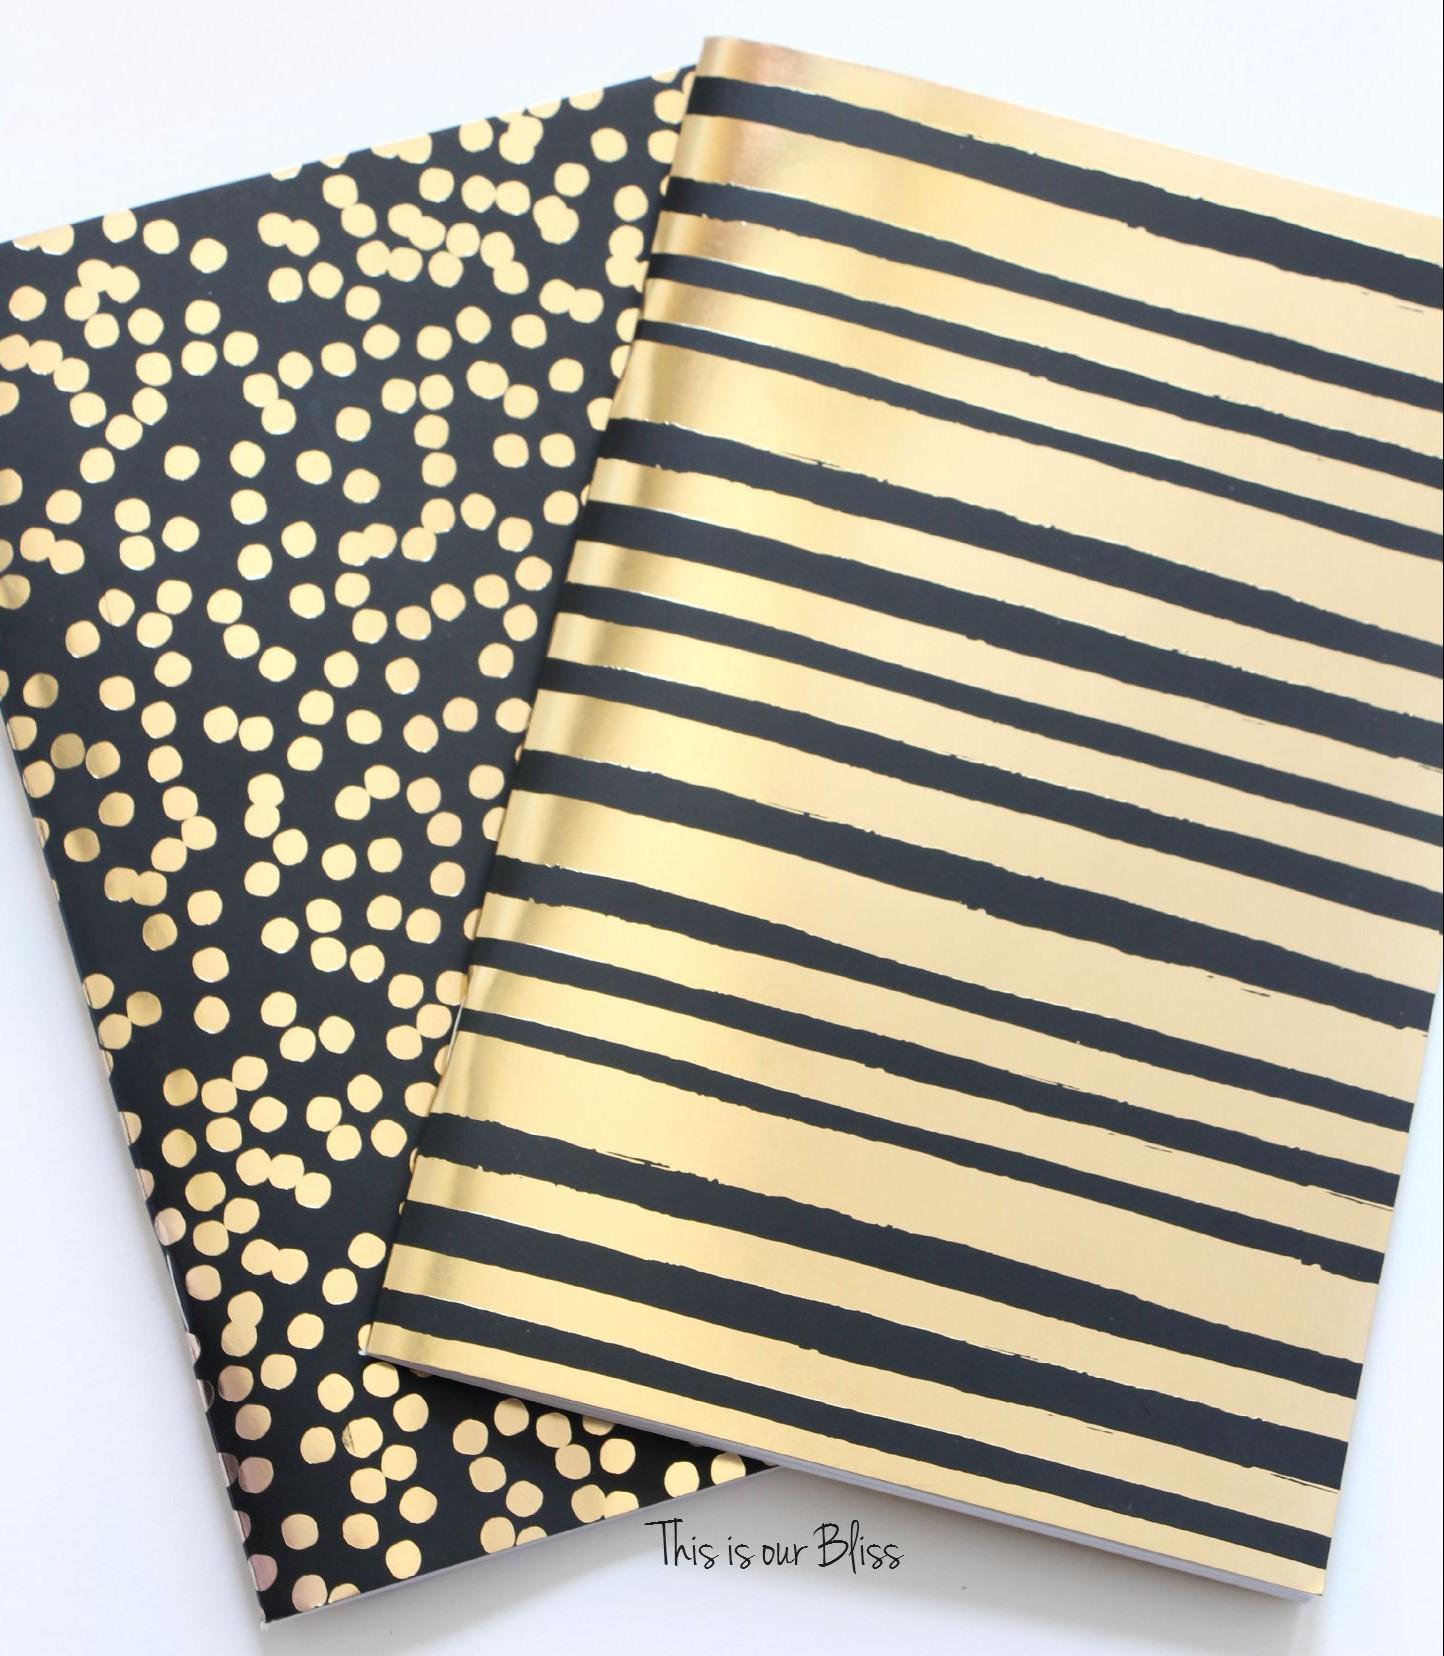 2 pack journals - black & gold foil polka dot journal turned art ...